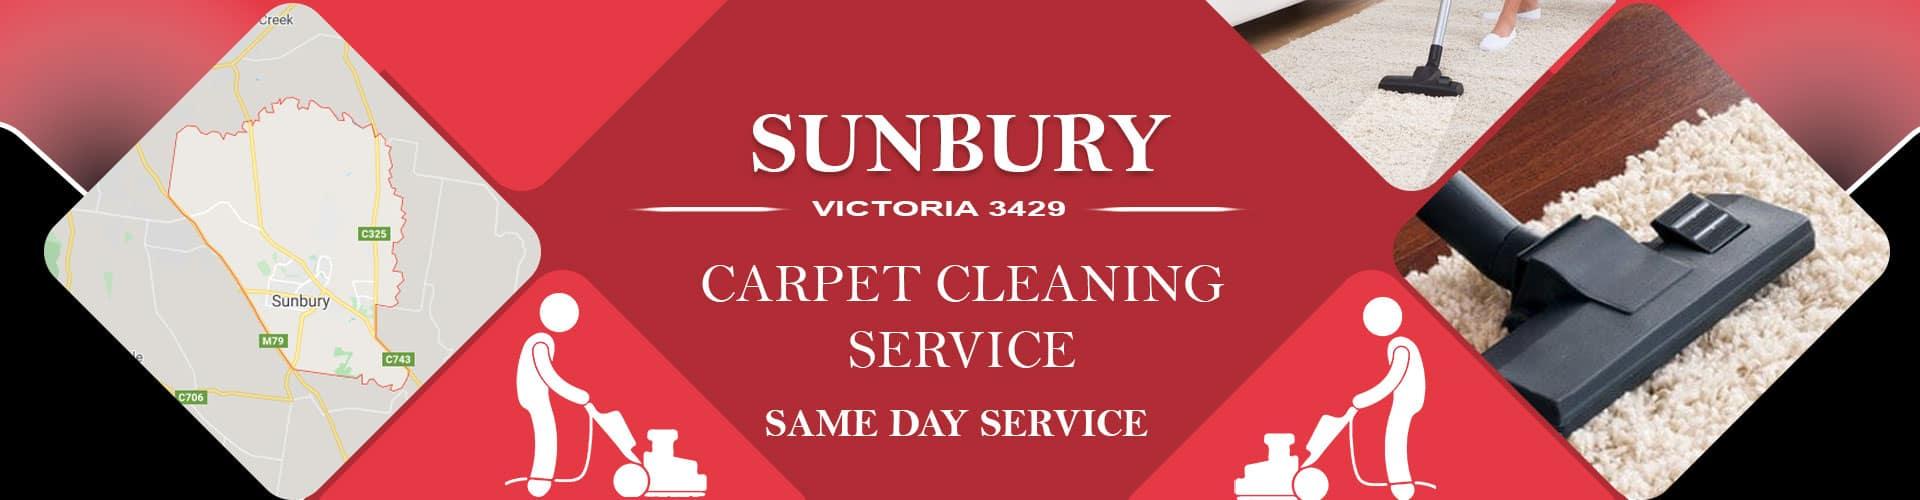 Carpet Cleaning Sunbury